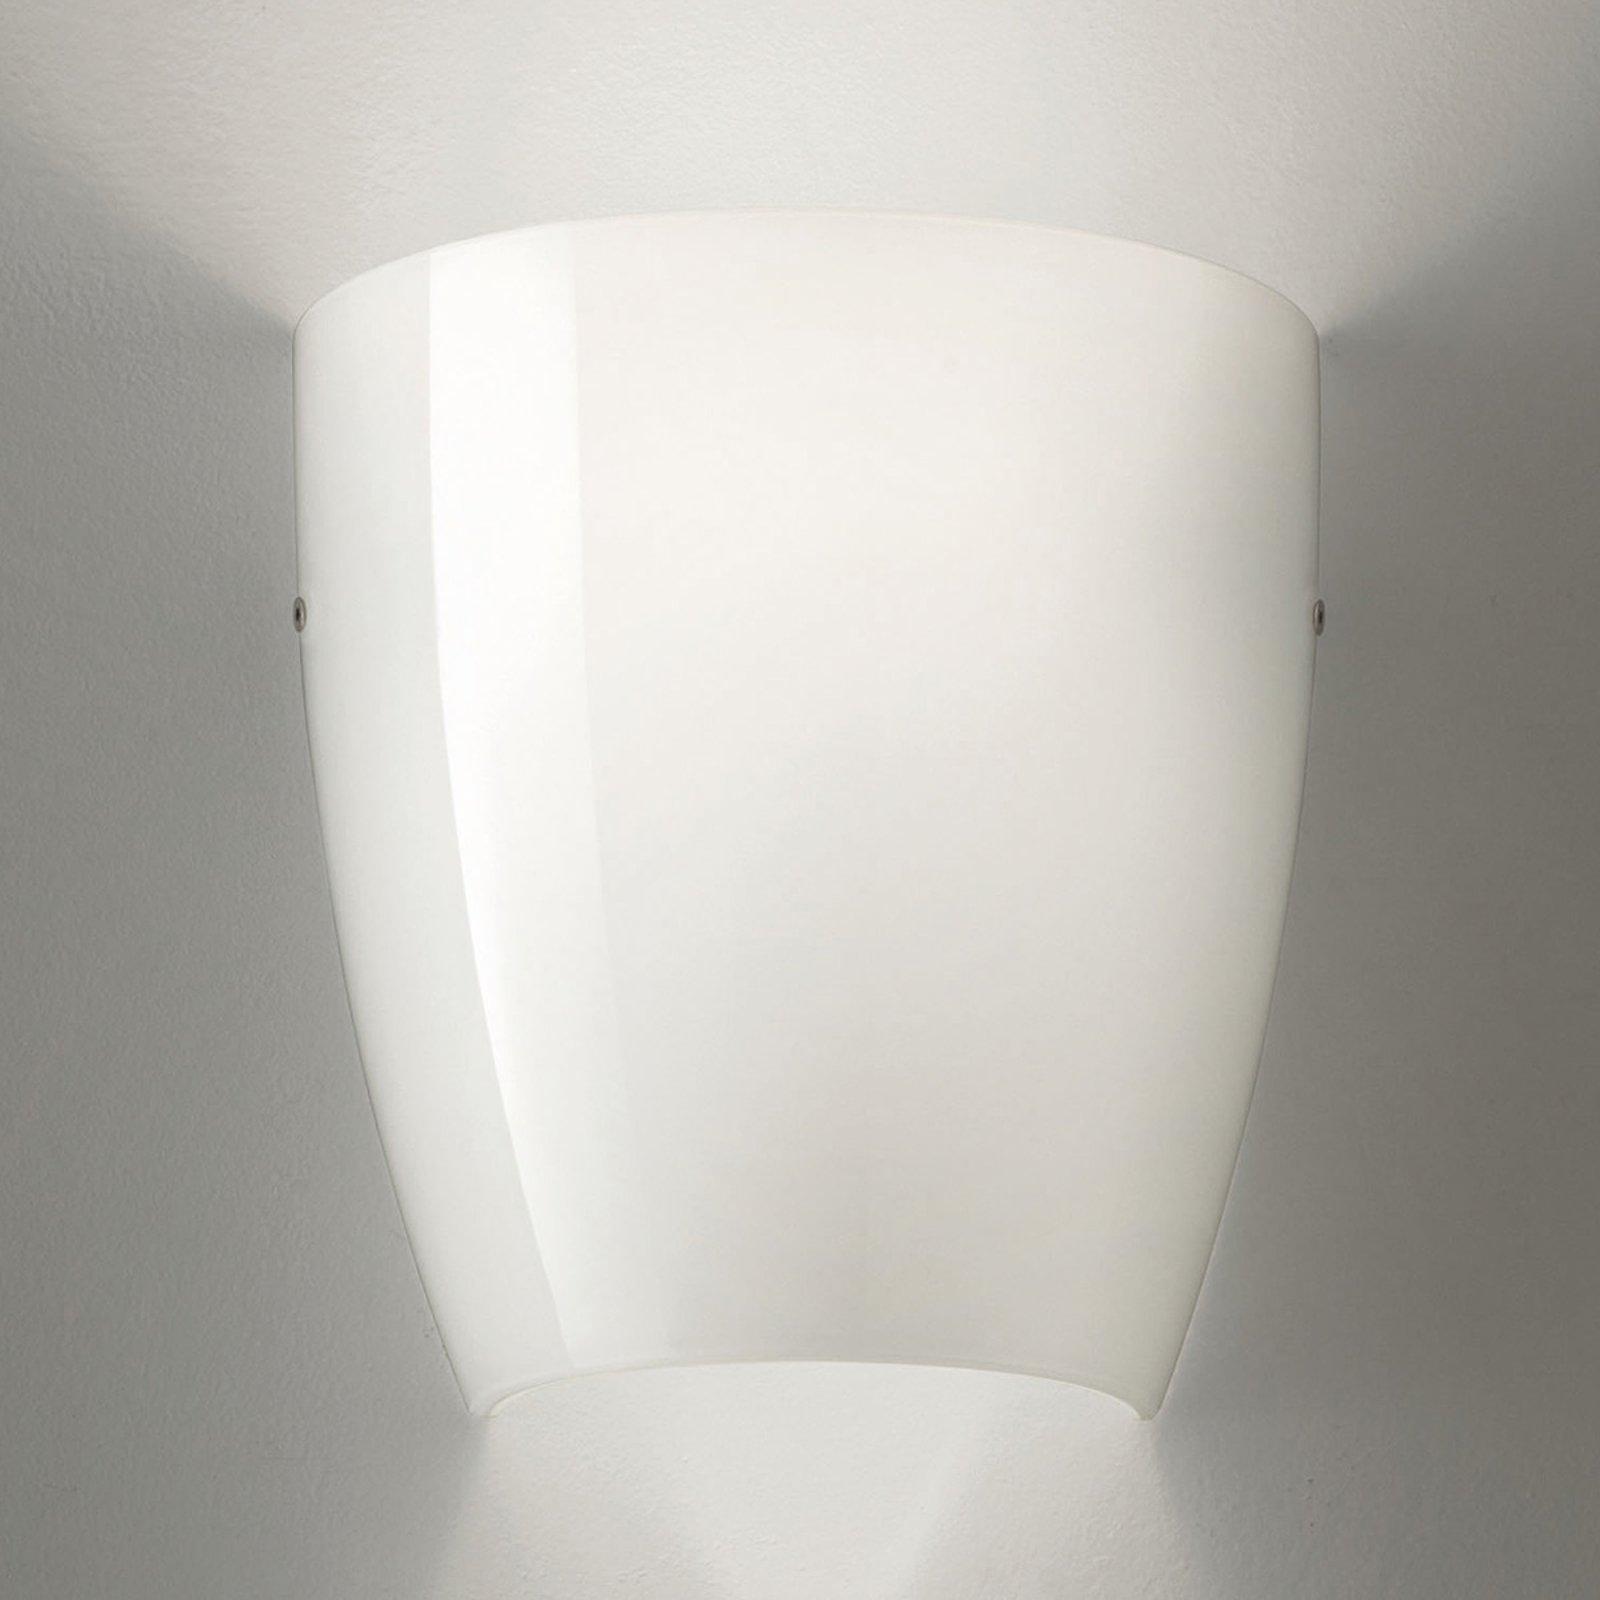 Vegglampe Dafne av glass glossy hvit